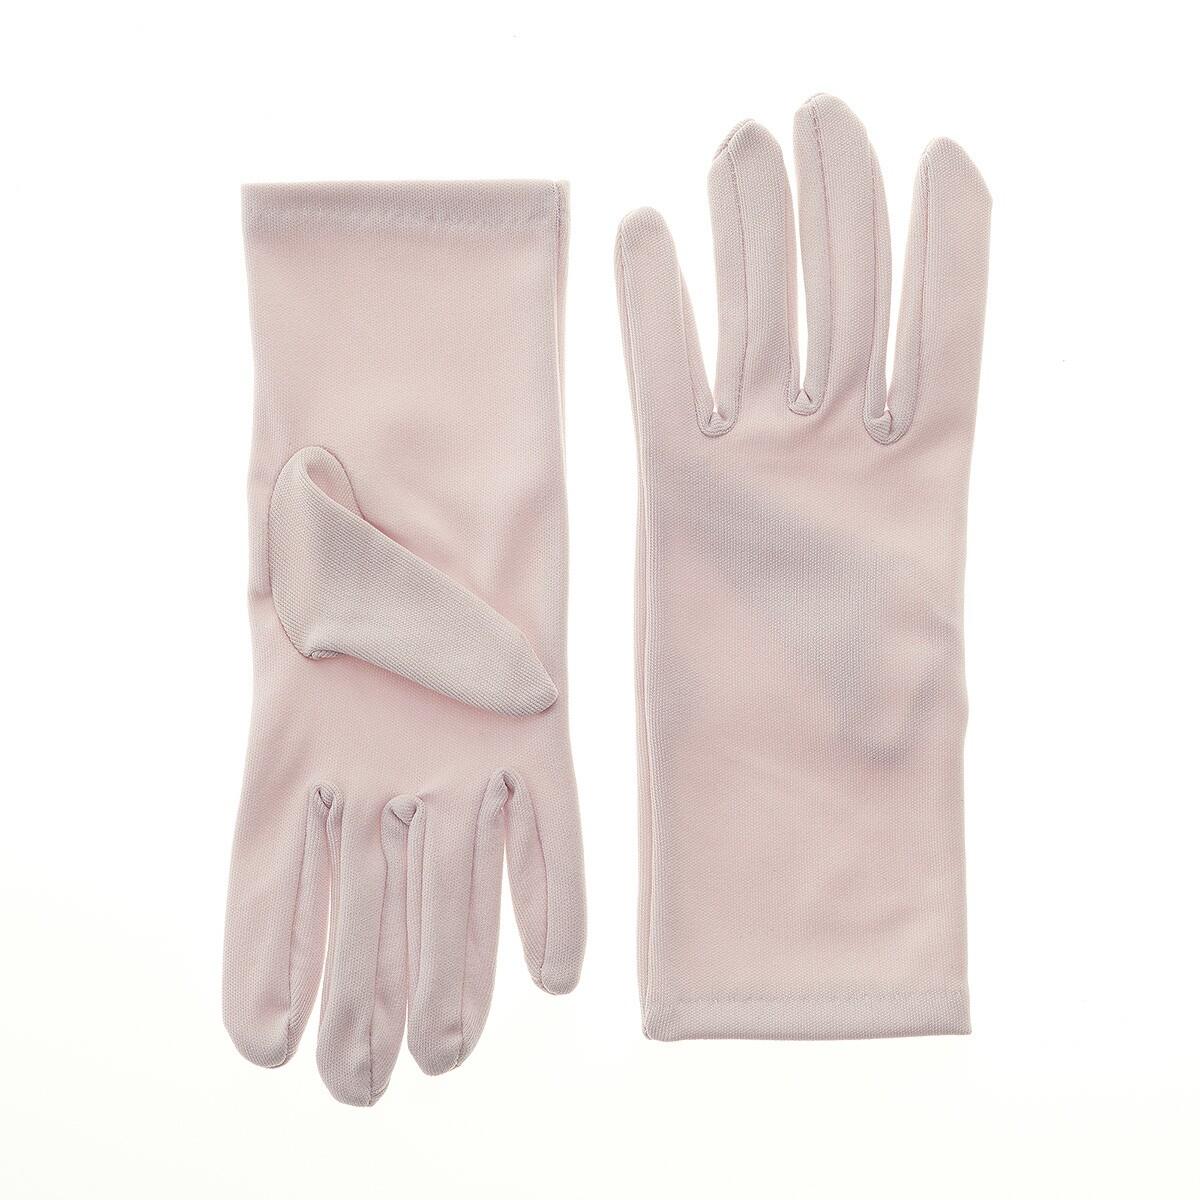 Nylon Dress Gloves For Children And Teens Ivory